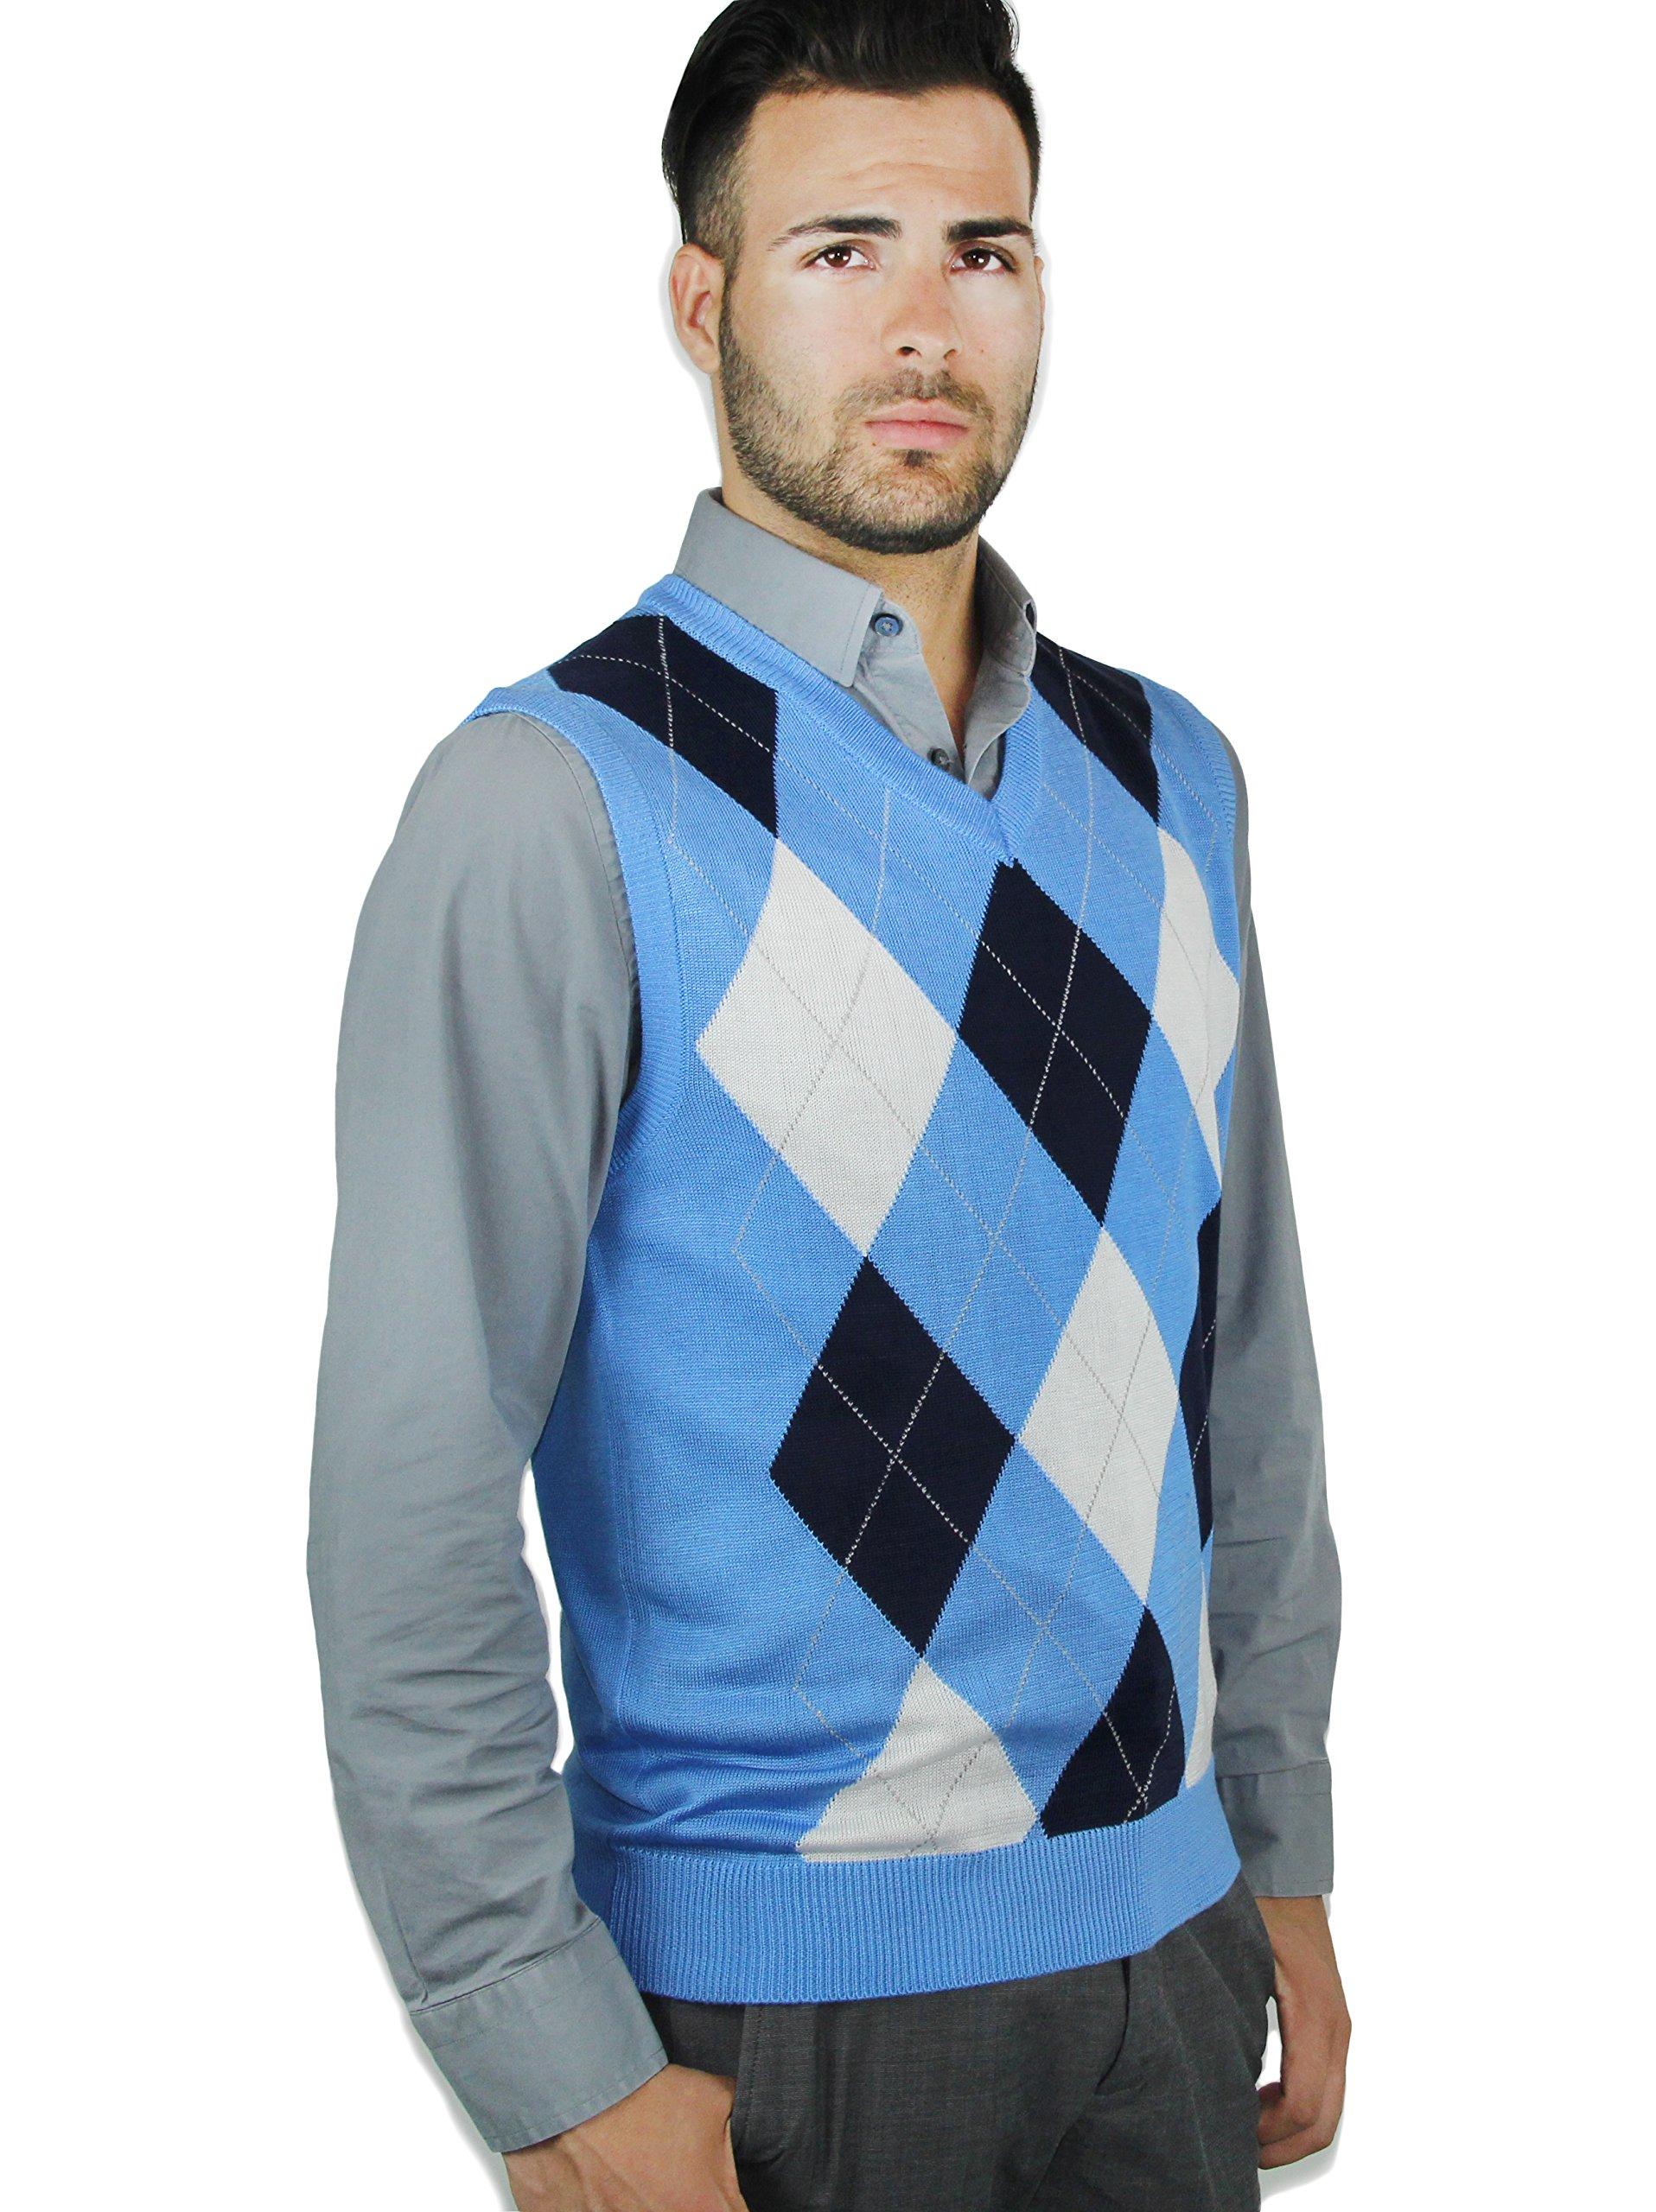 Blue Ocean Argyle Sweater Vest-2X-Large by Blue Ocean